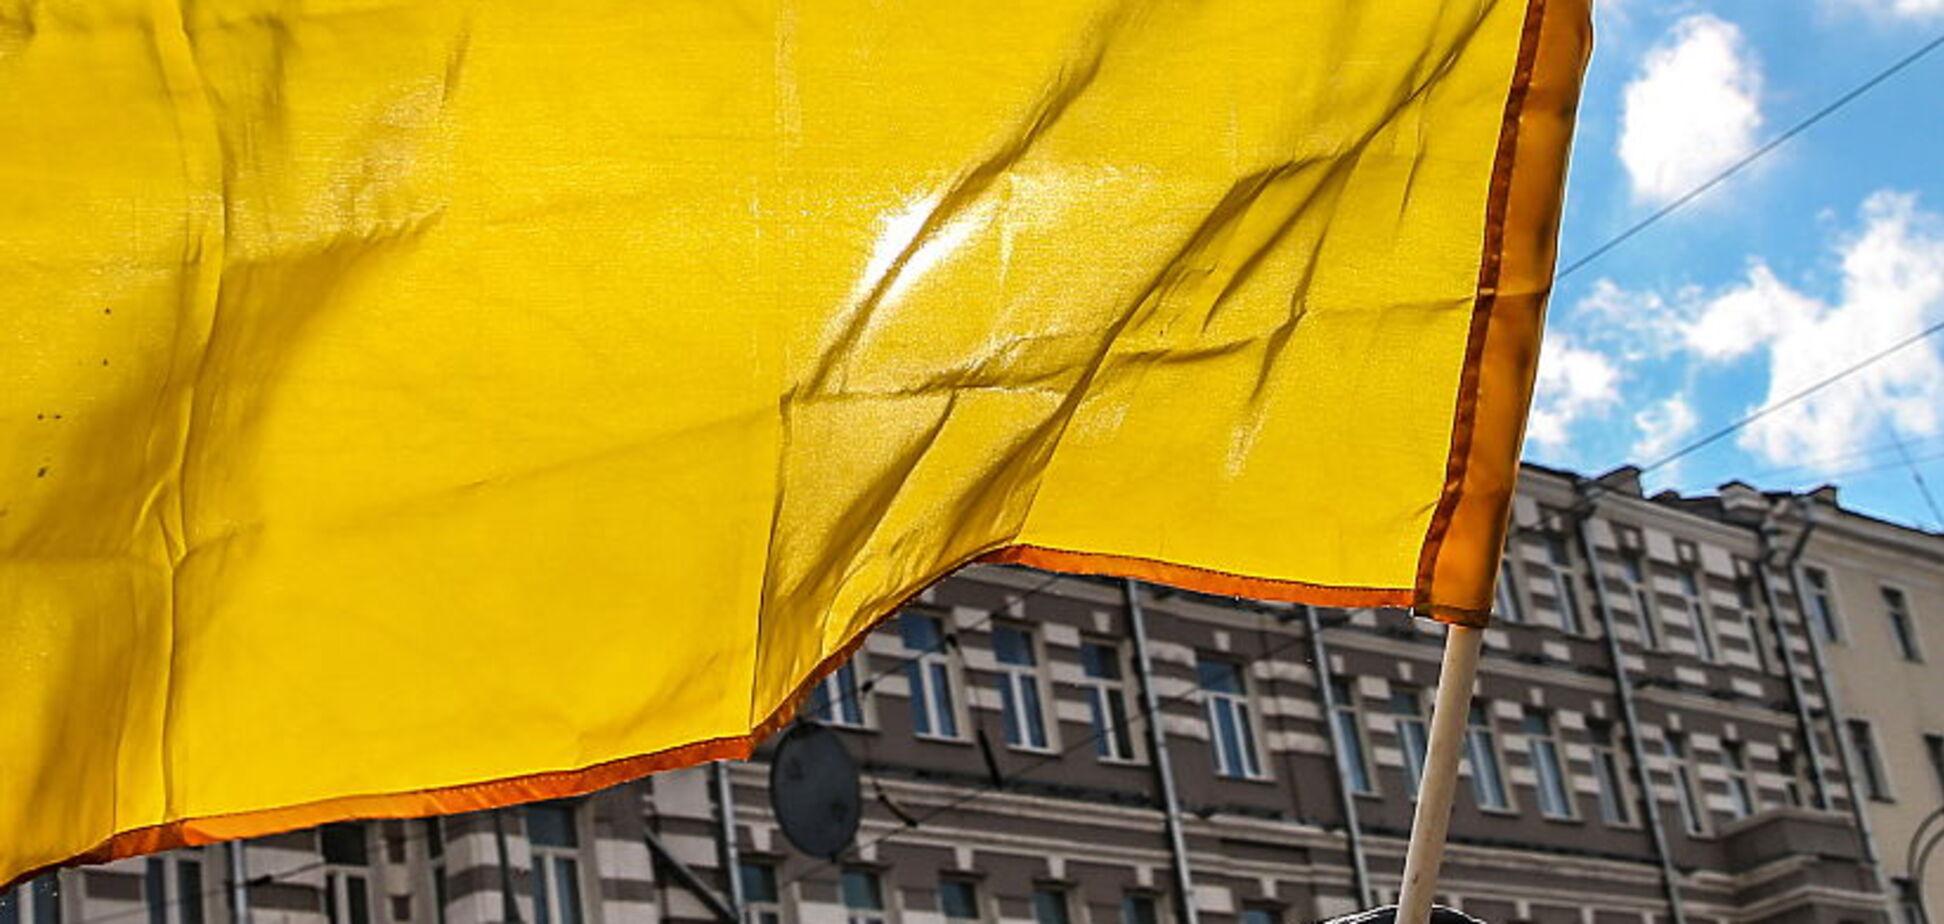 Множество погибших: над Украиной нависла страшная угроза